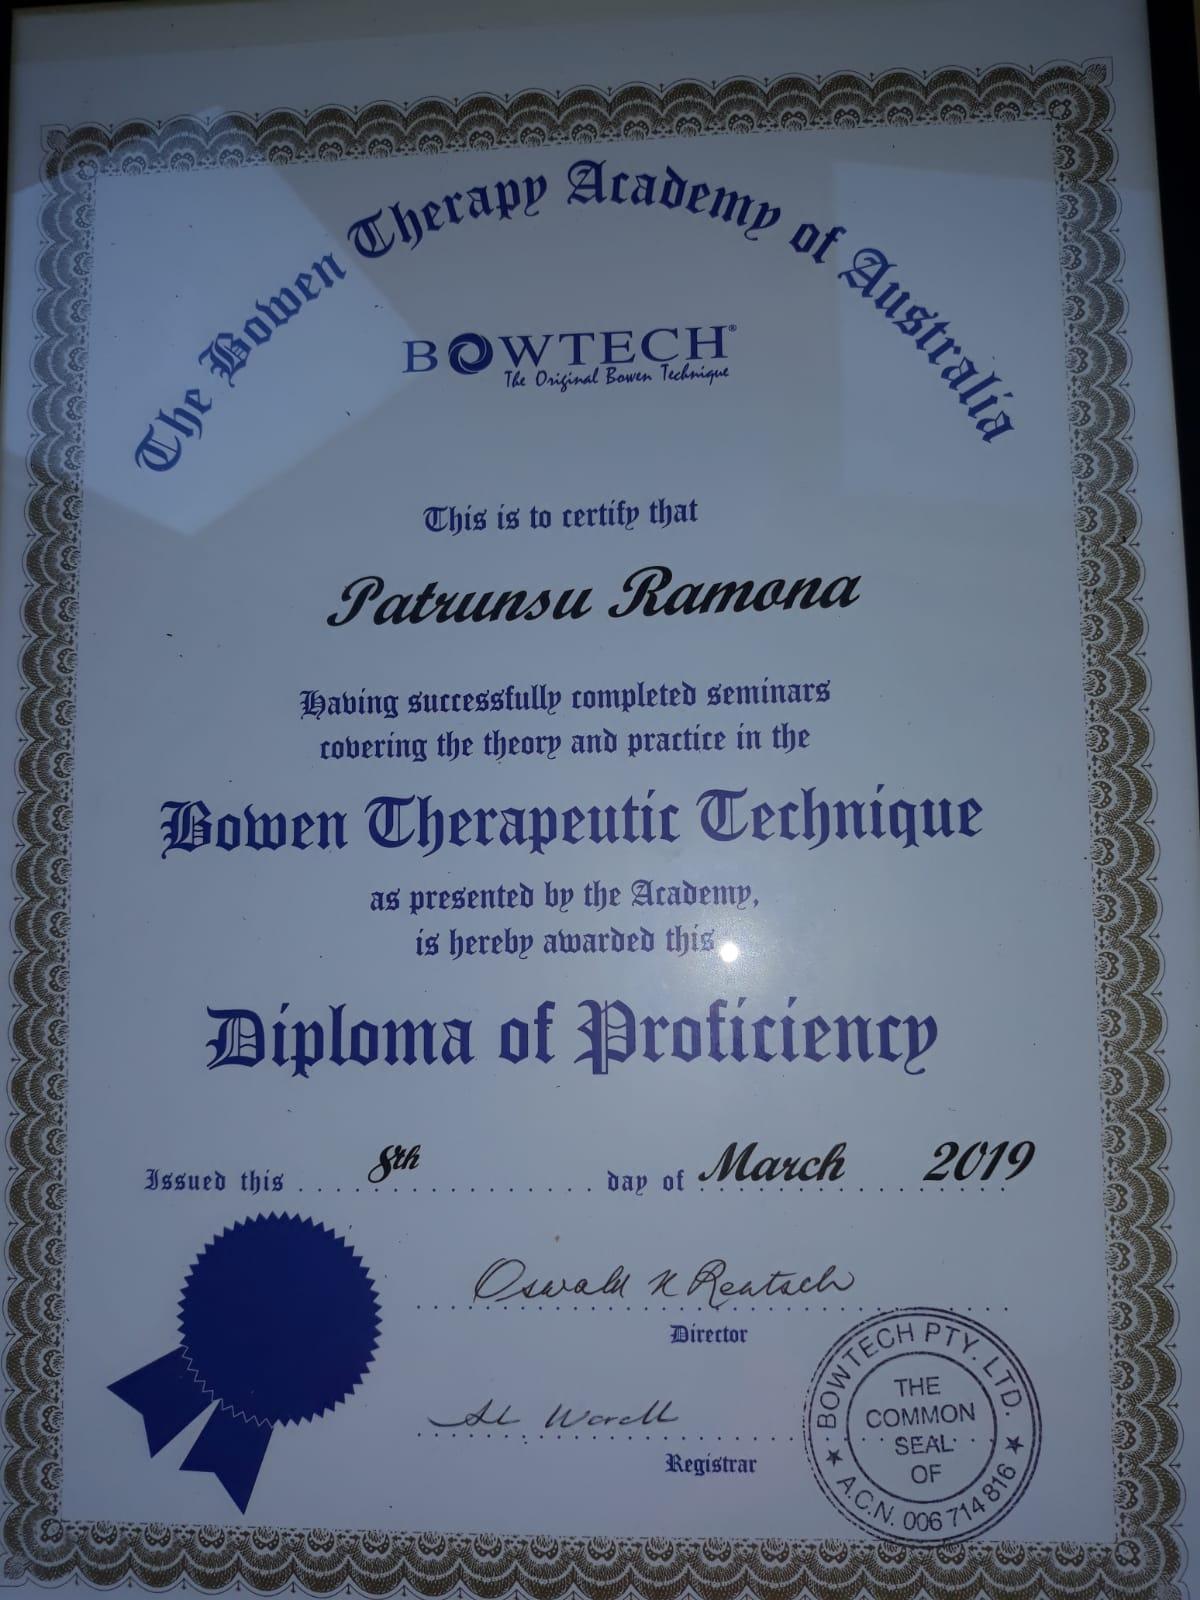 Terapia Bowen Vaslui - Ramona Patrunsu